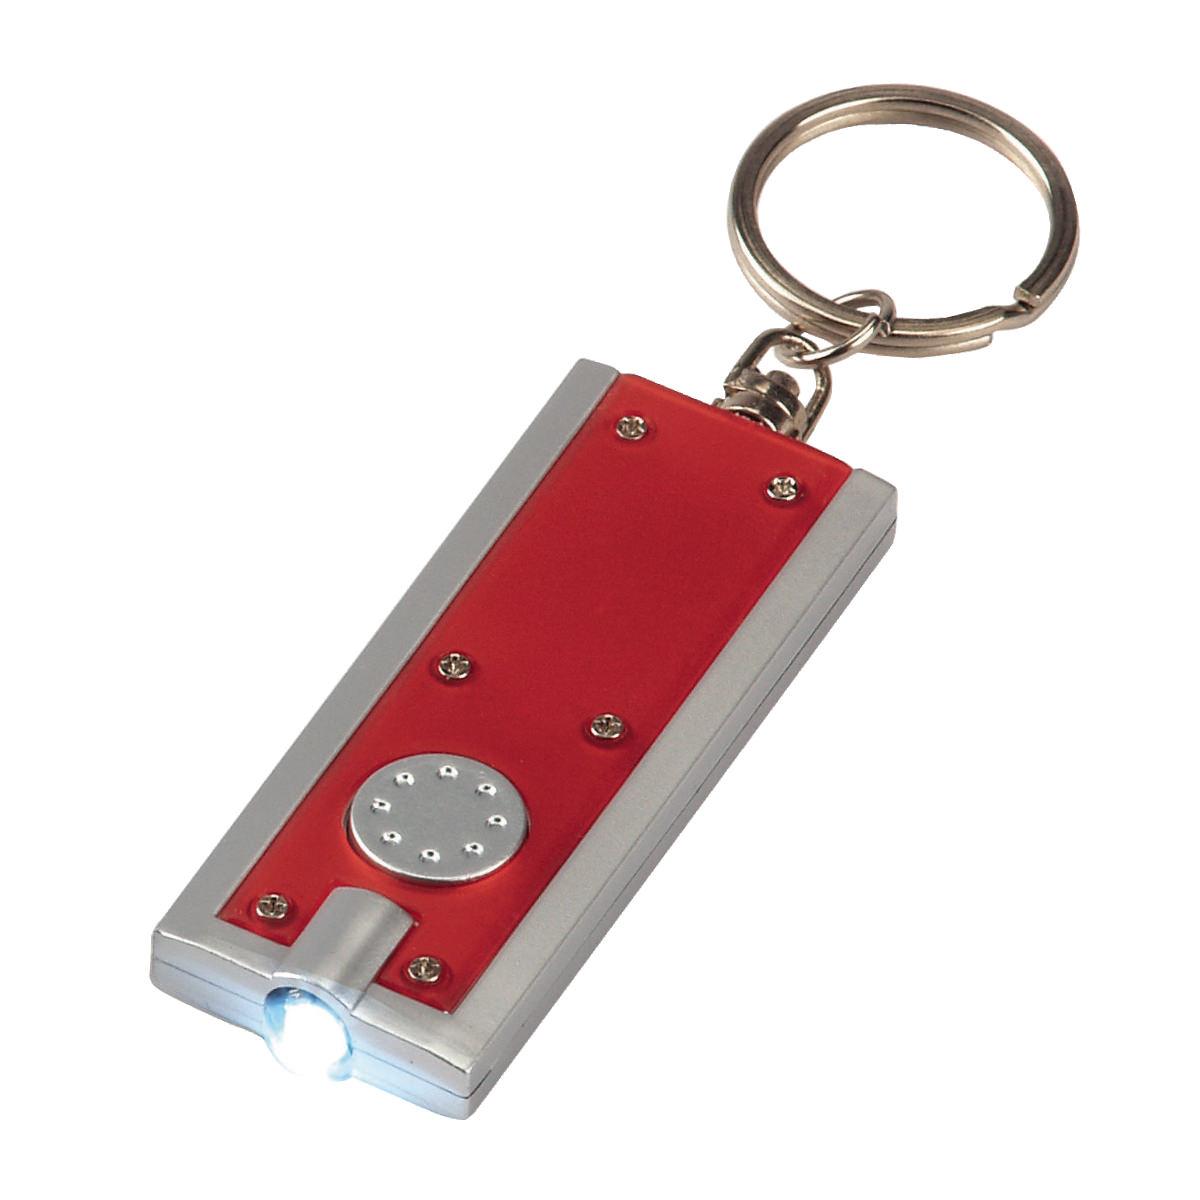 מחזיק מפתחות עם פנס - קרן